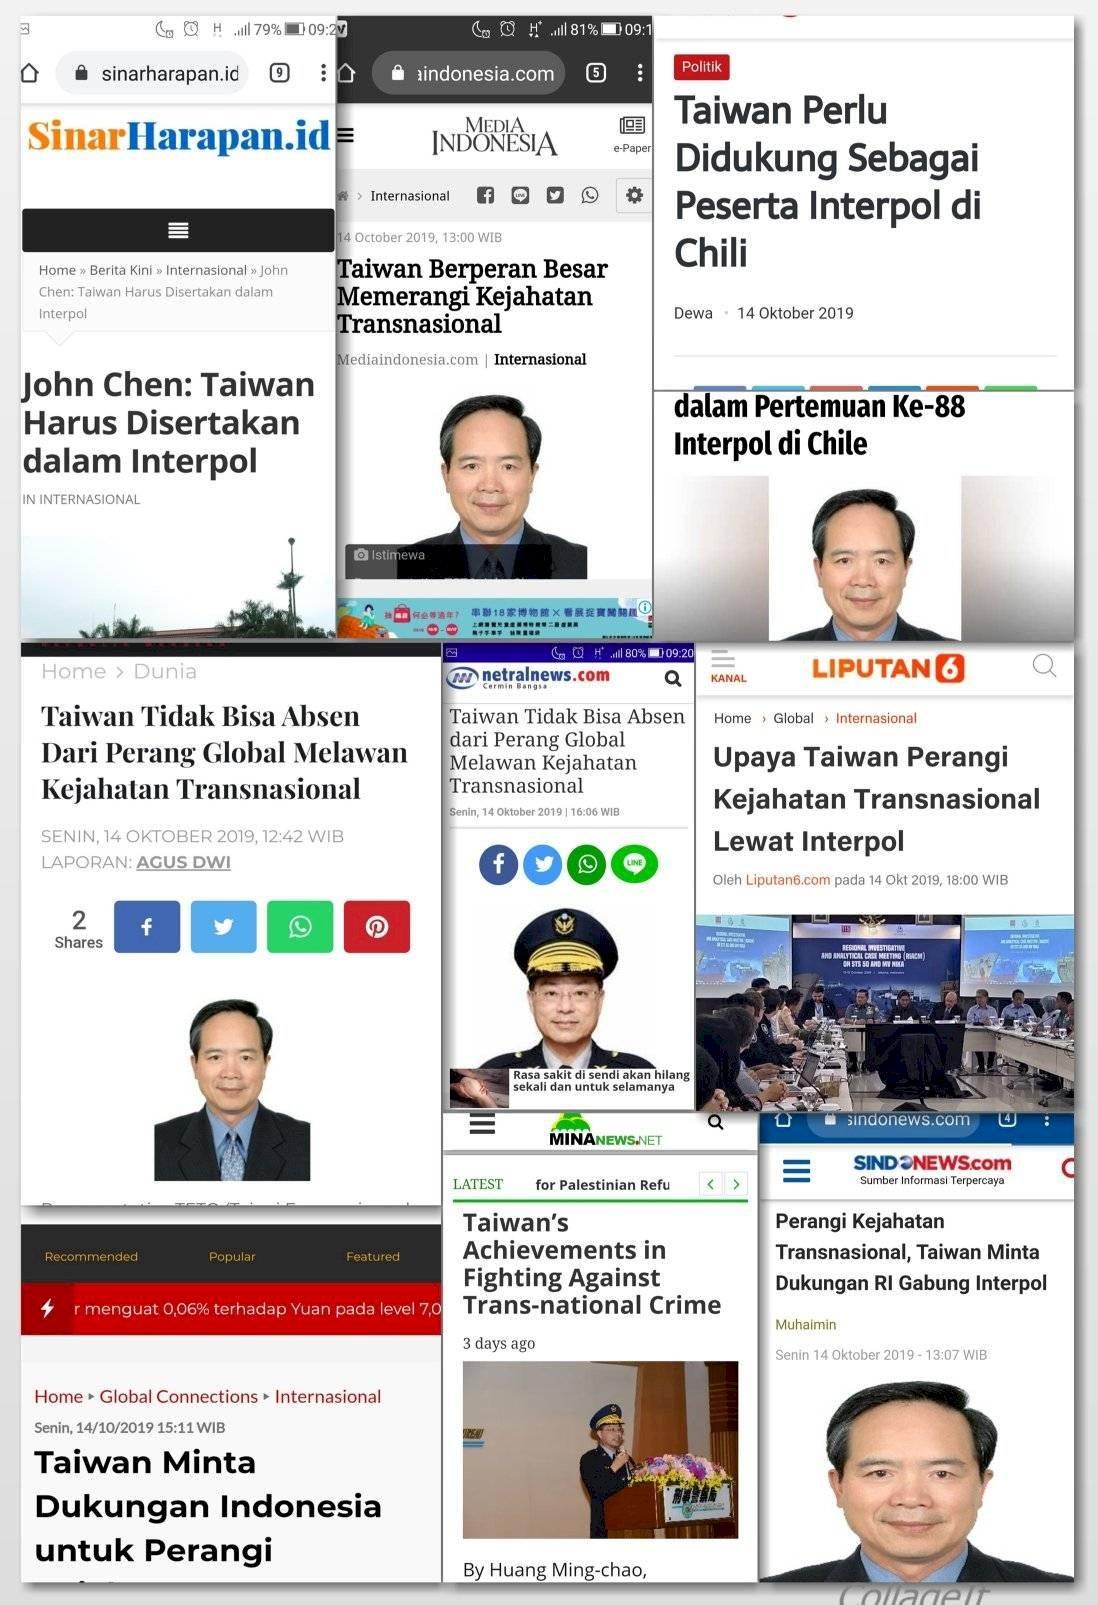 官員投書印尼媒體 籲支持台灣參與國際刑警組織